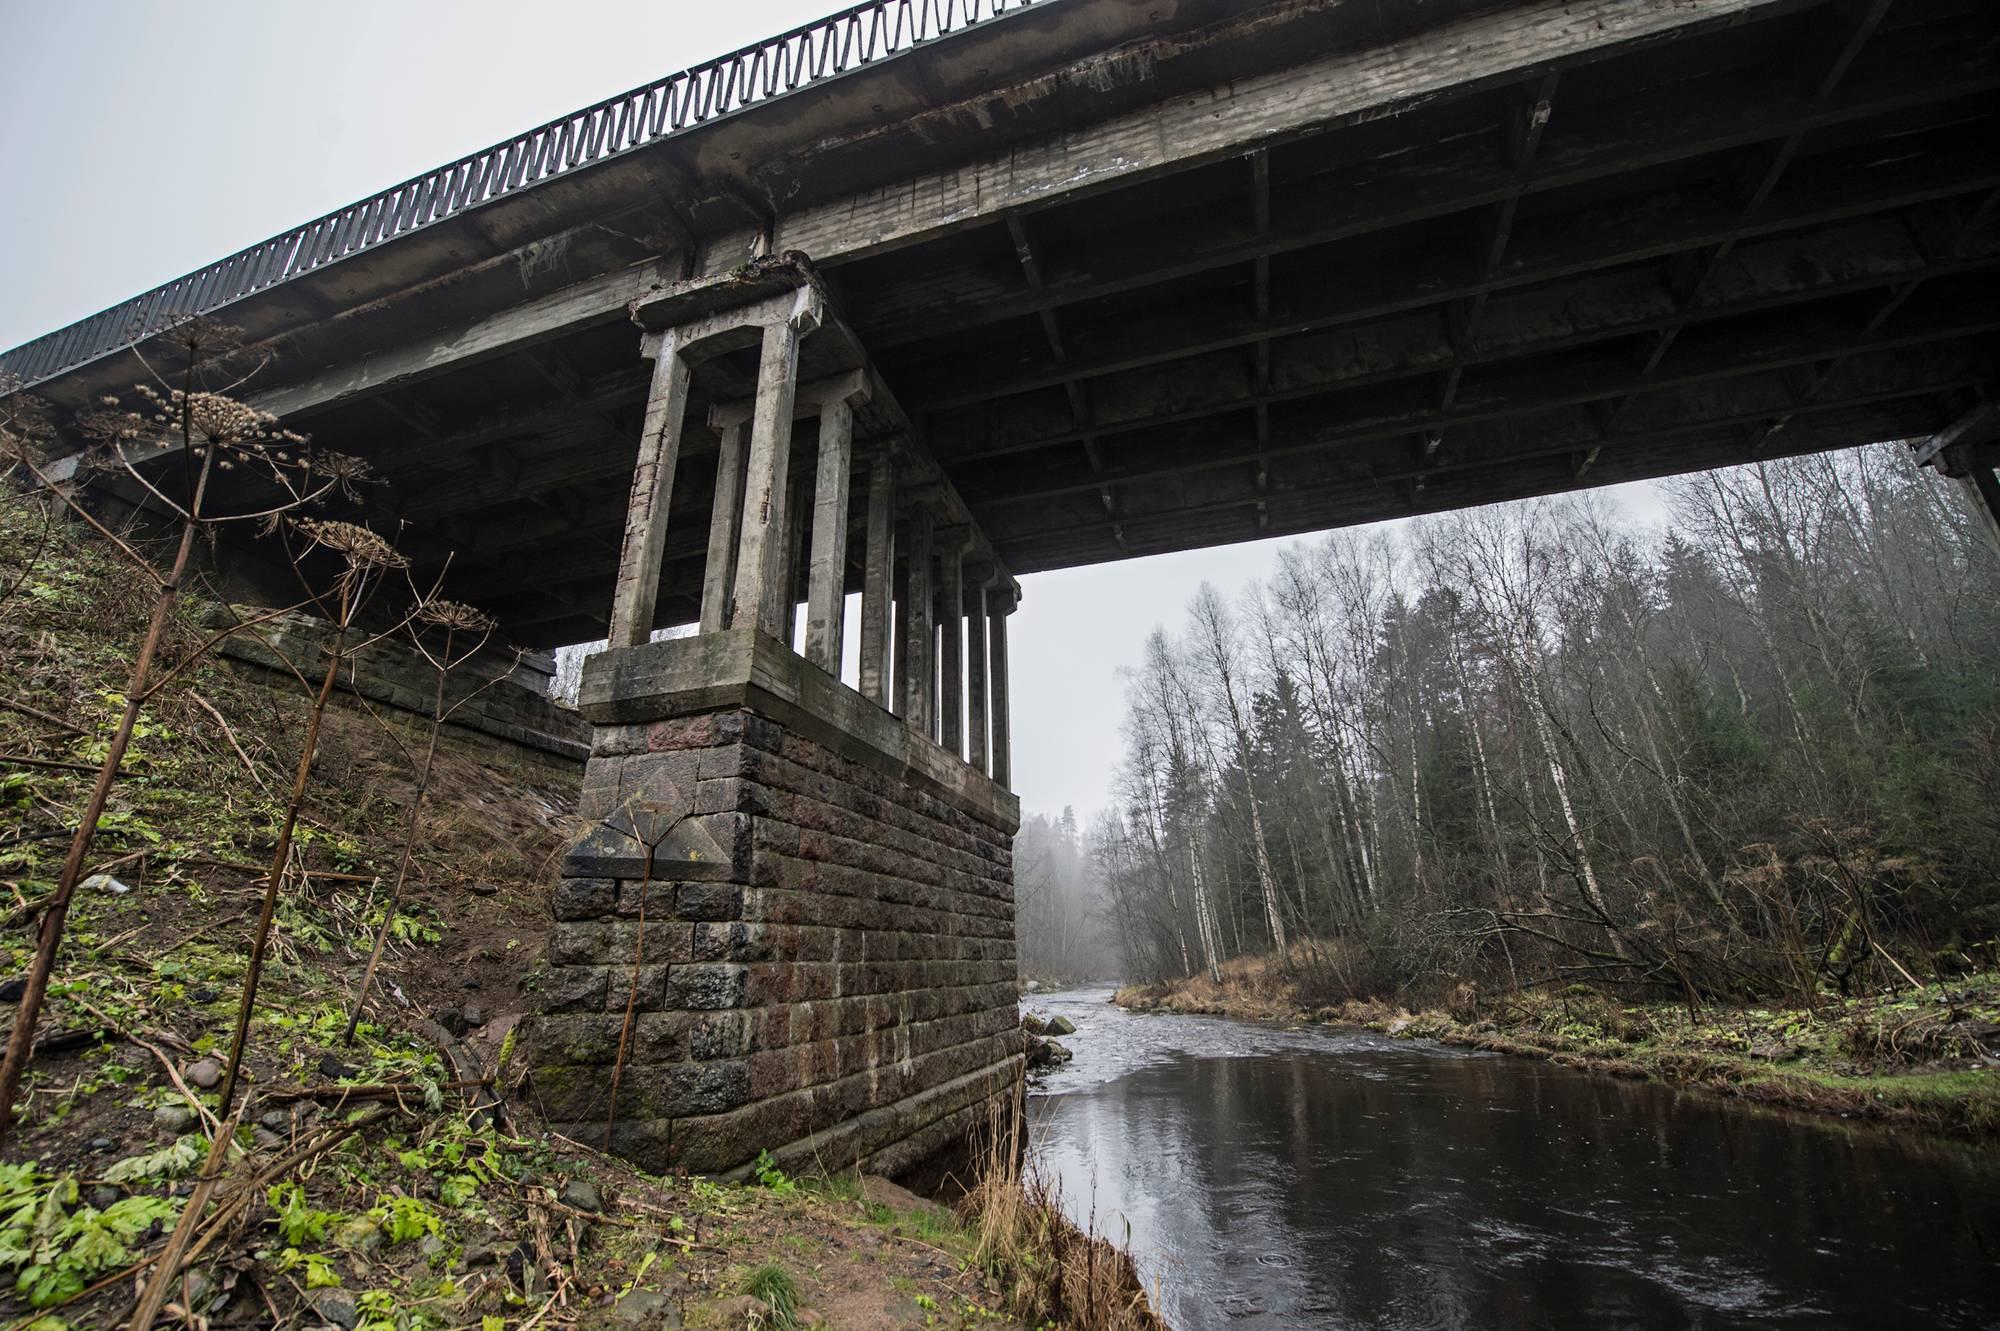 Rajajoen vanha kiviarkku on tallella uuden sillan alla.